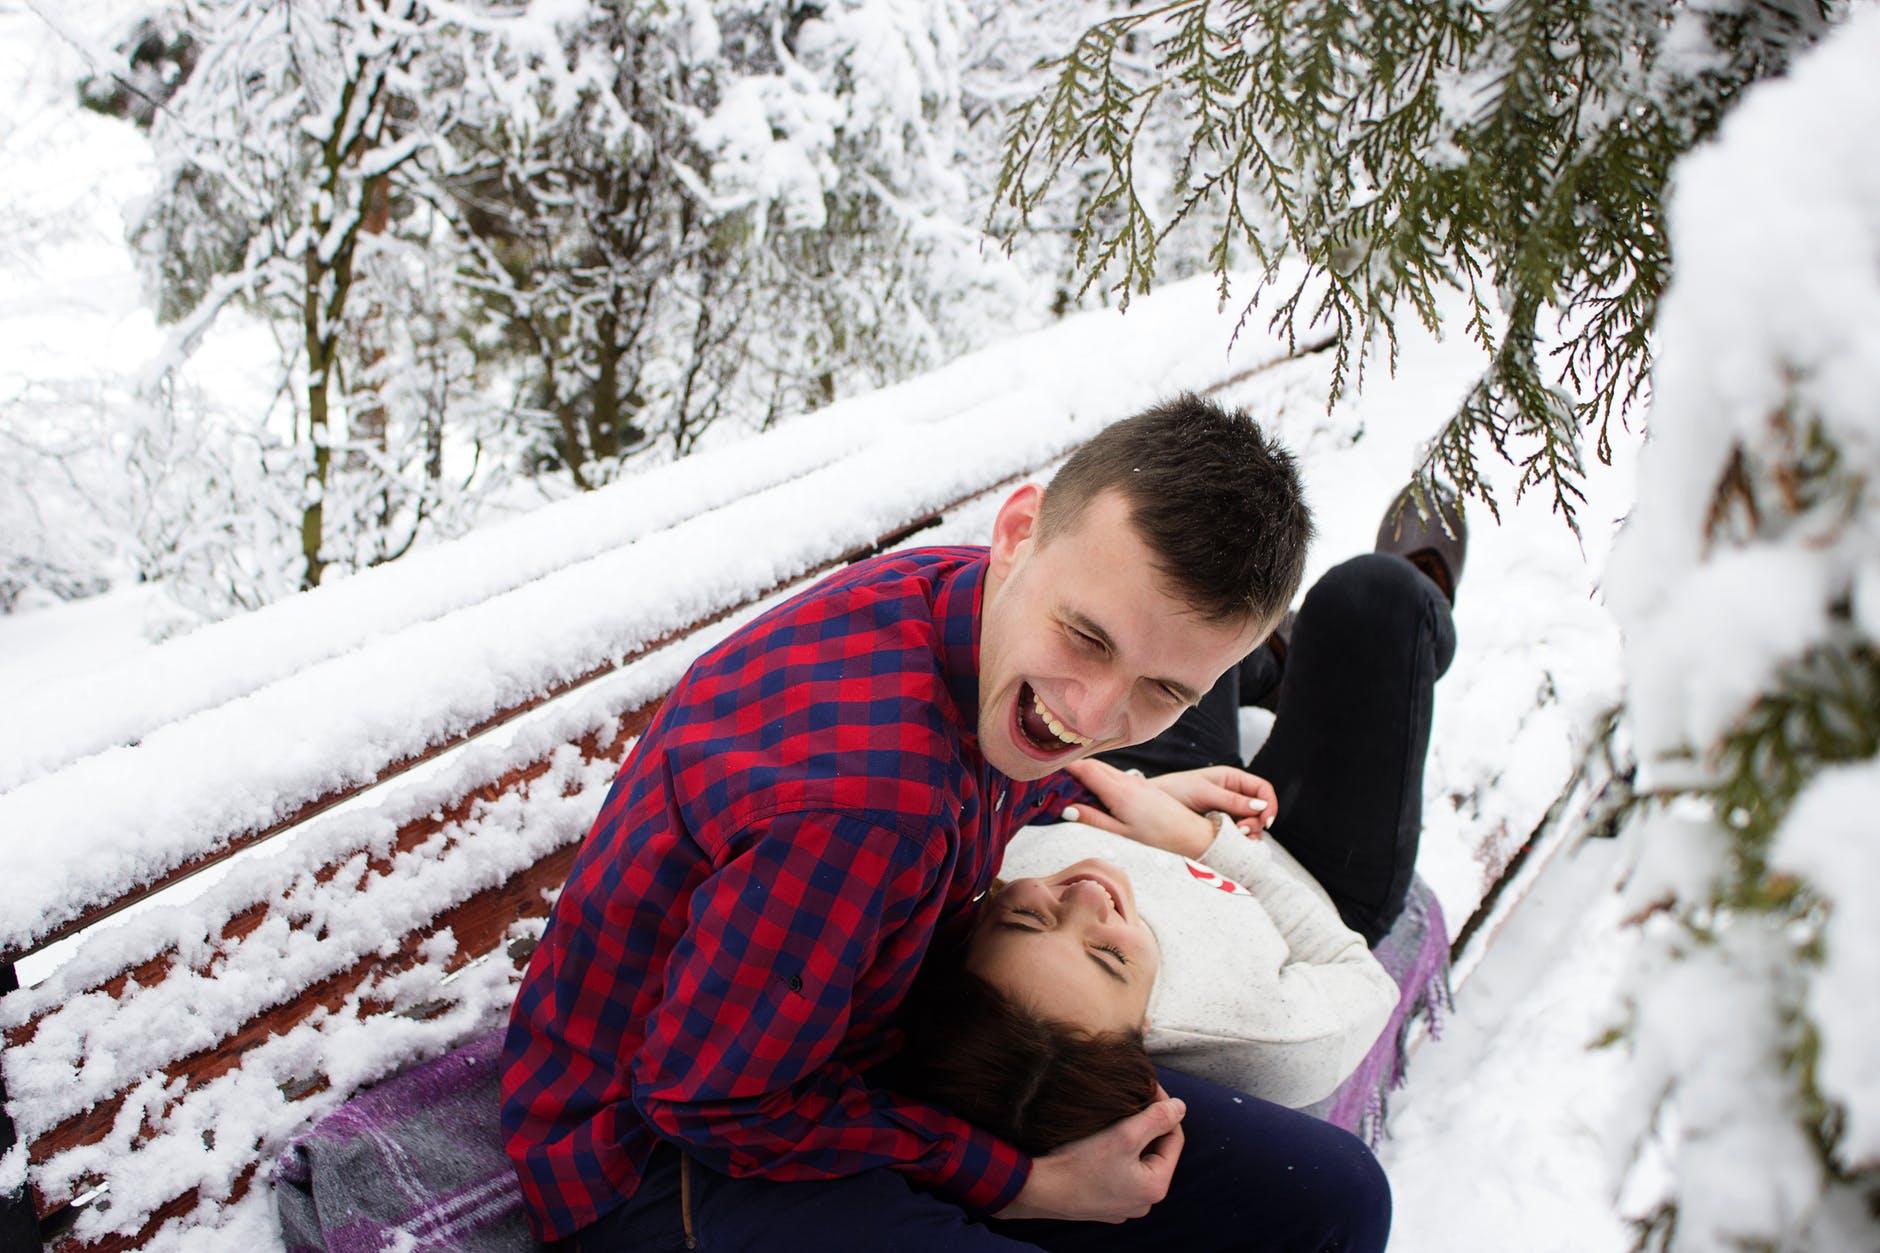 Couple having fun in a snowy garden